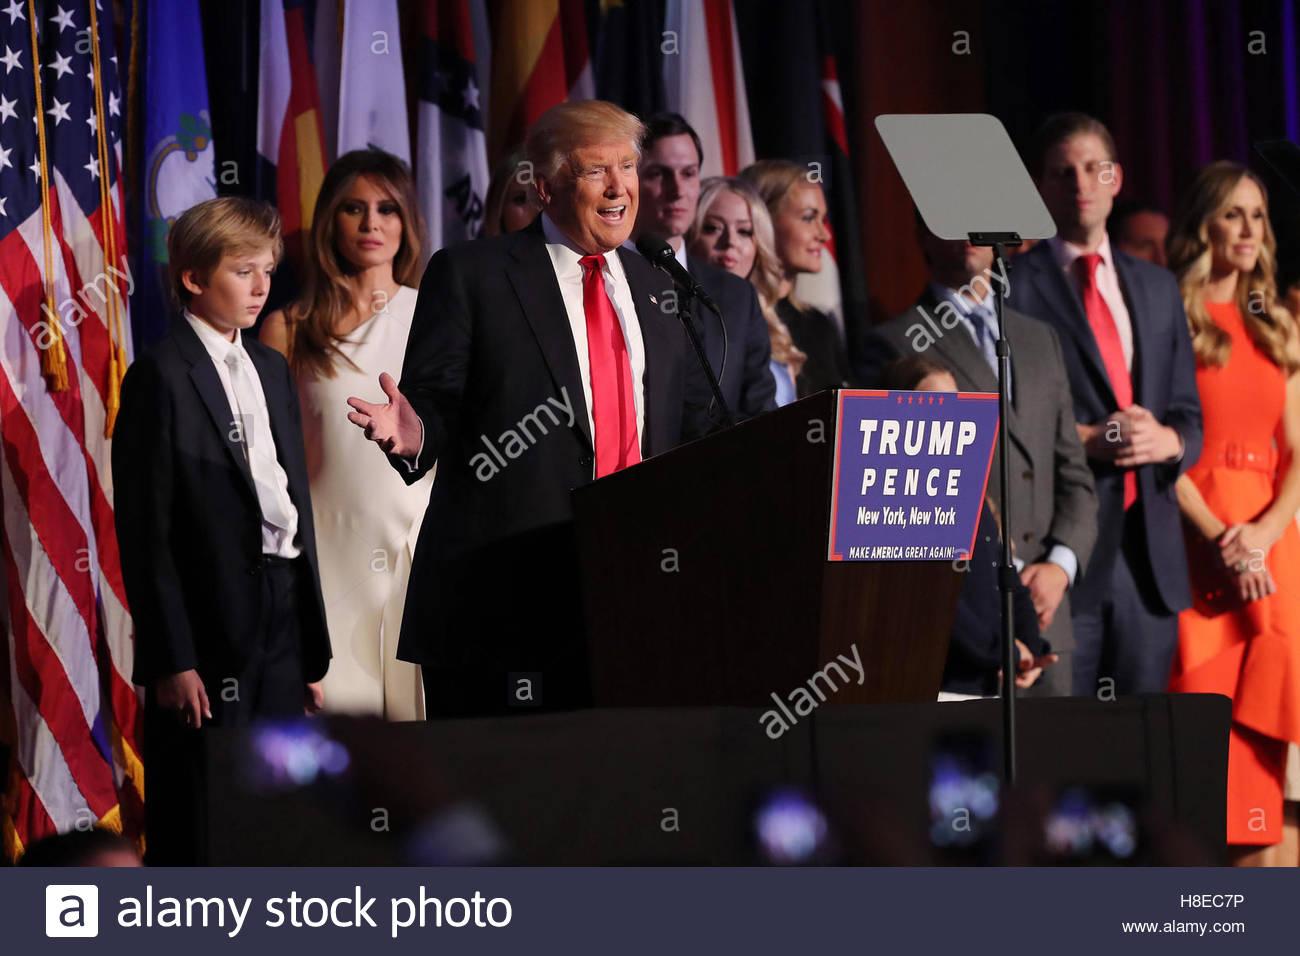 Donald Trump gewinnt die Präsidentschaftswahlen 2016 in Manhattan, New York Stockbild